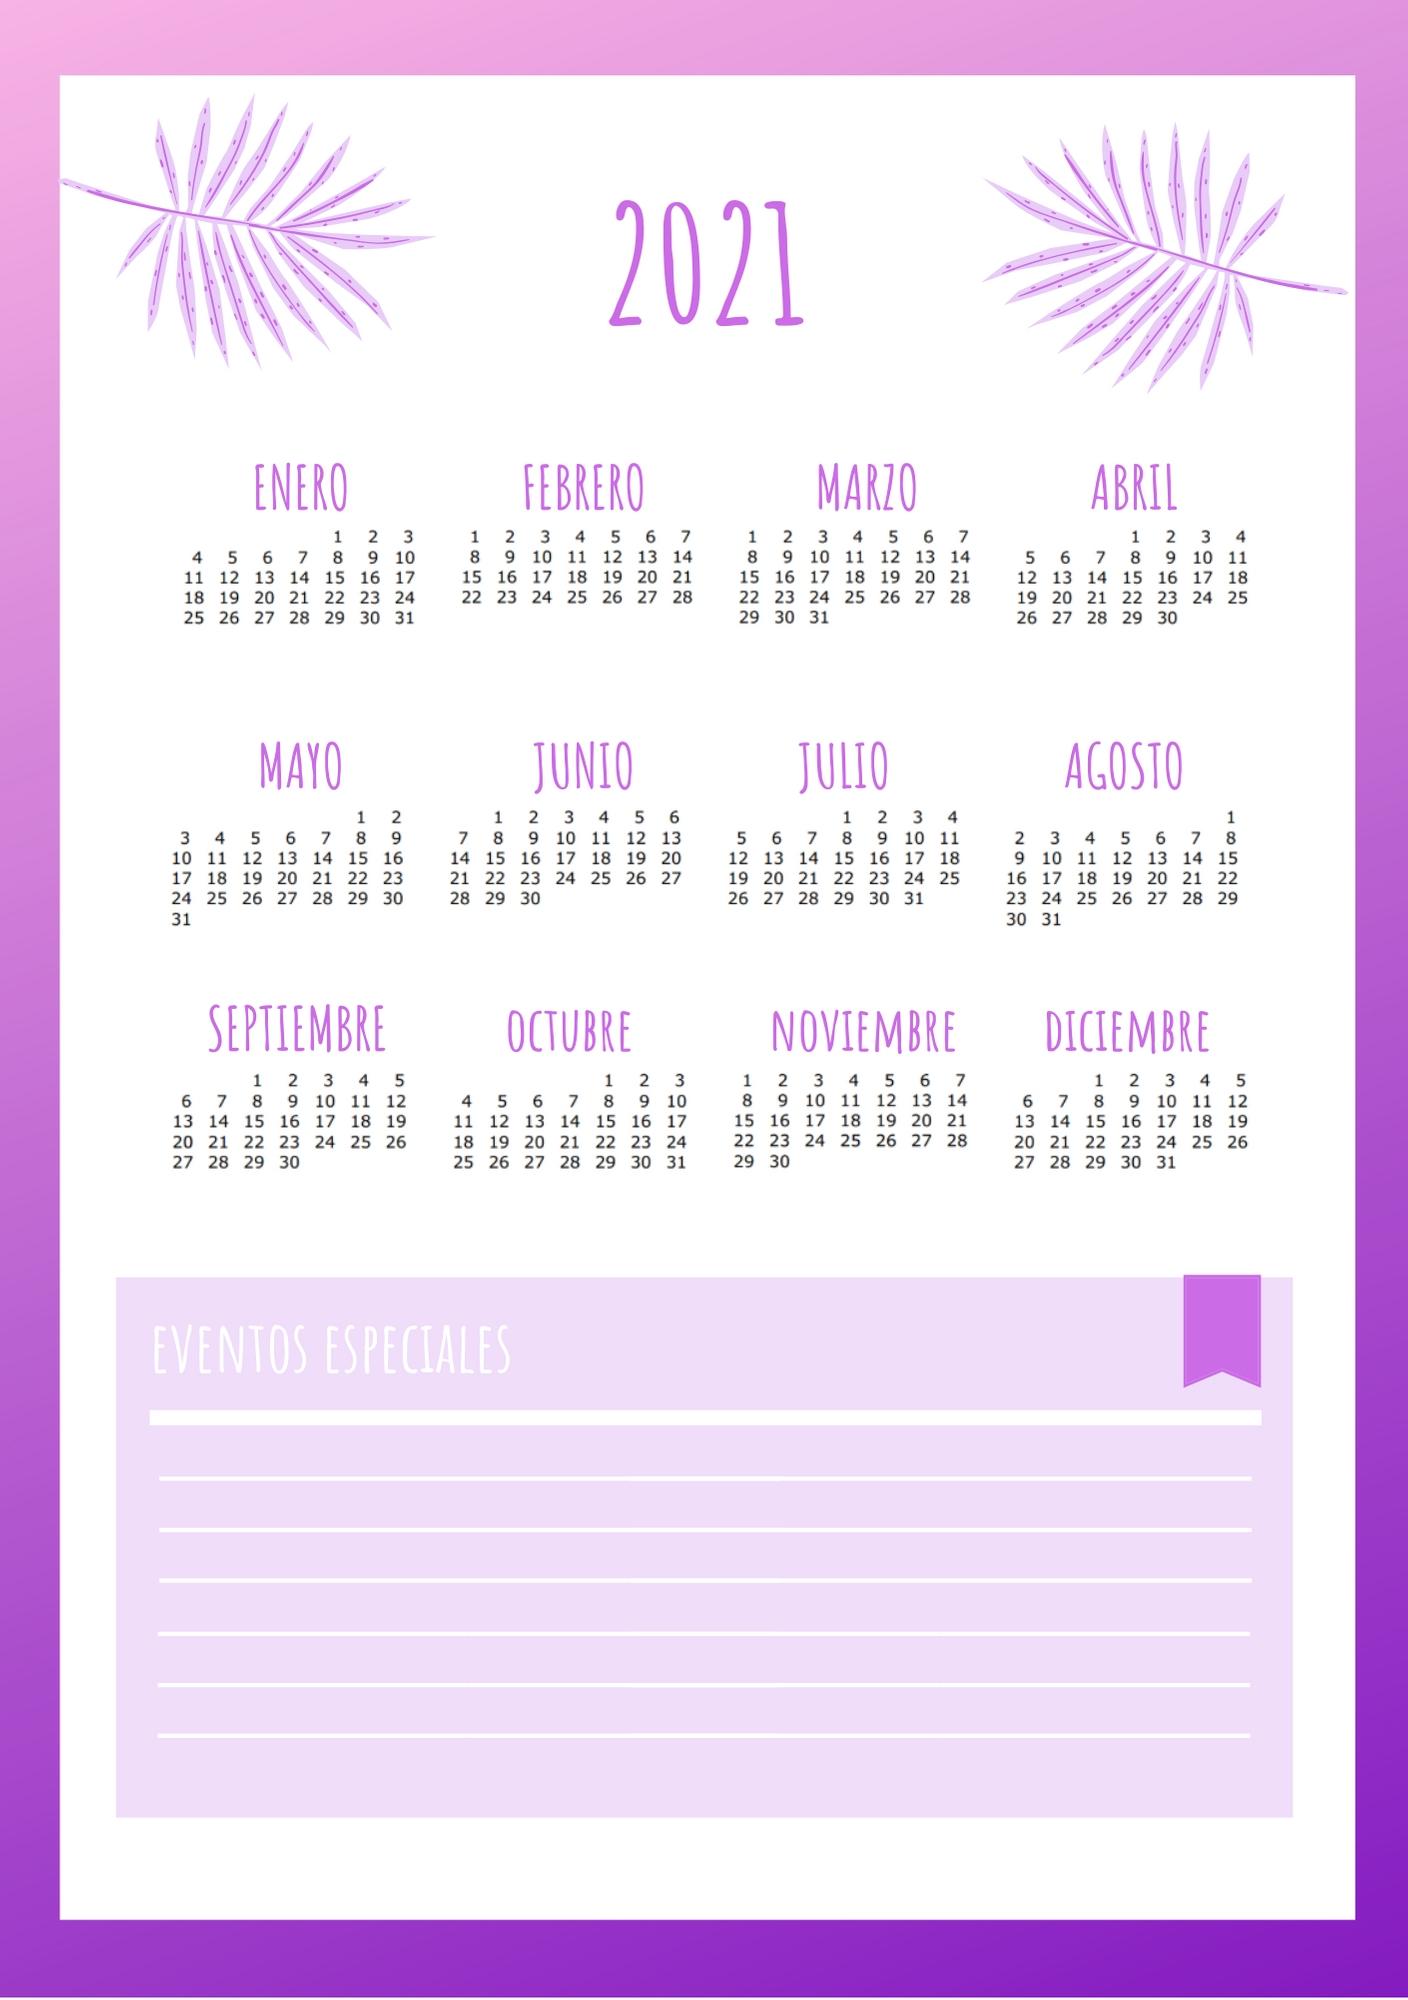 Calendario Agenda 2020 - 2021 | Planificador De Tareas